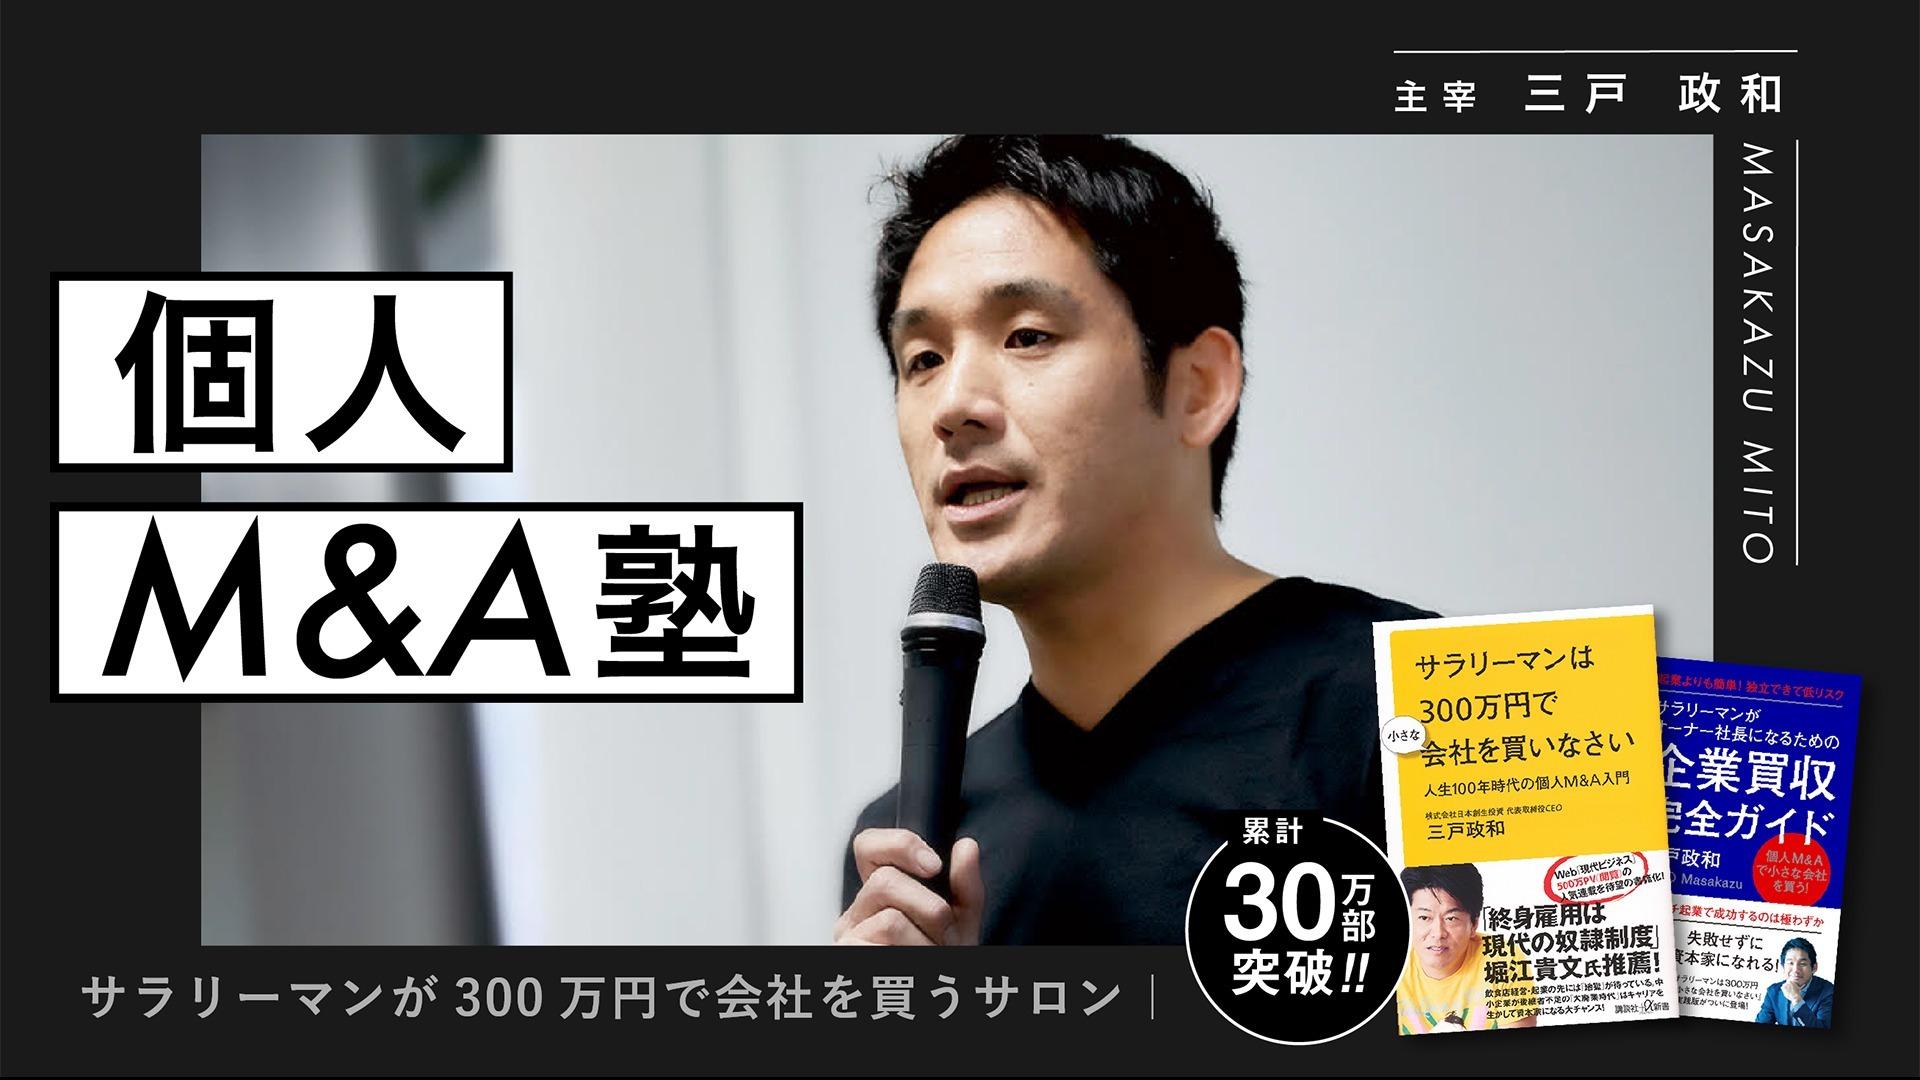 三戸政和 - サラリーマンが300万円で小さな会社を買うサロン - DMM オンラインサロン